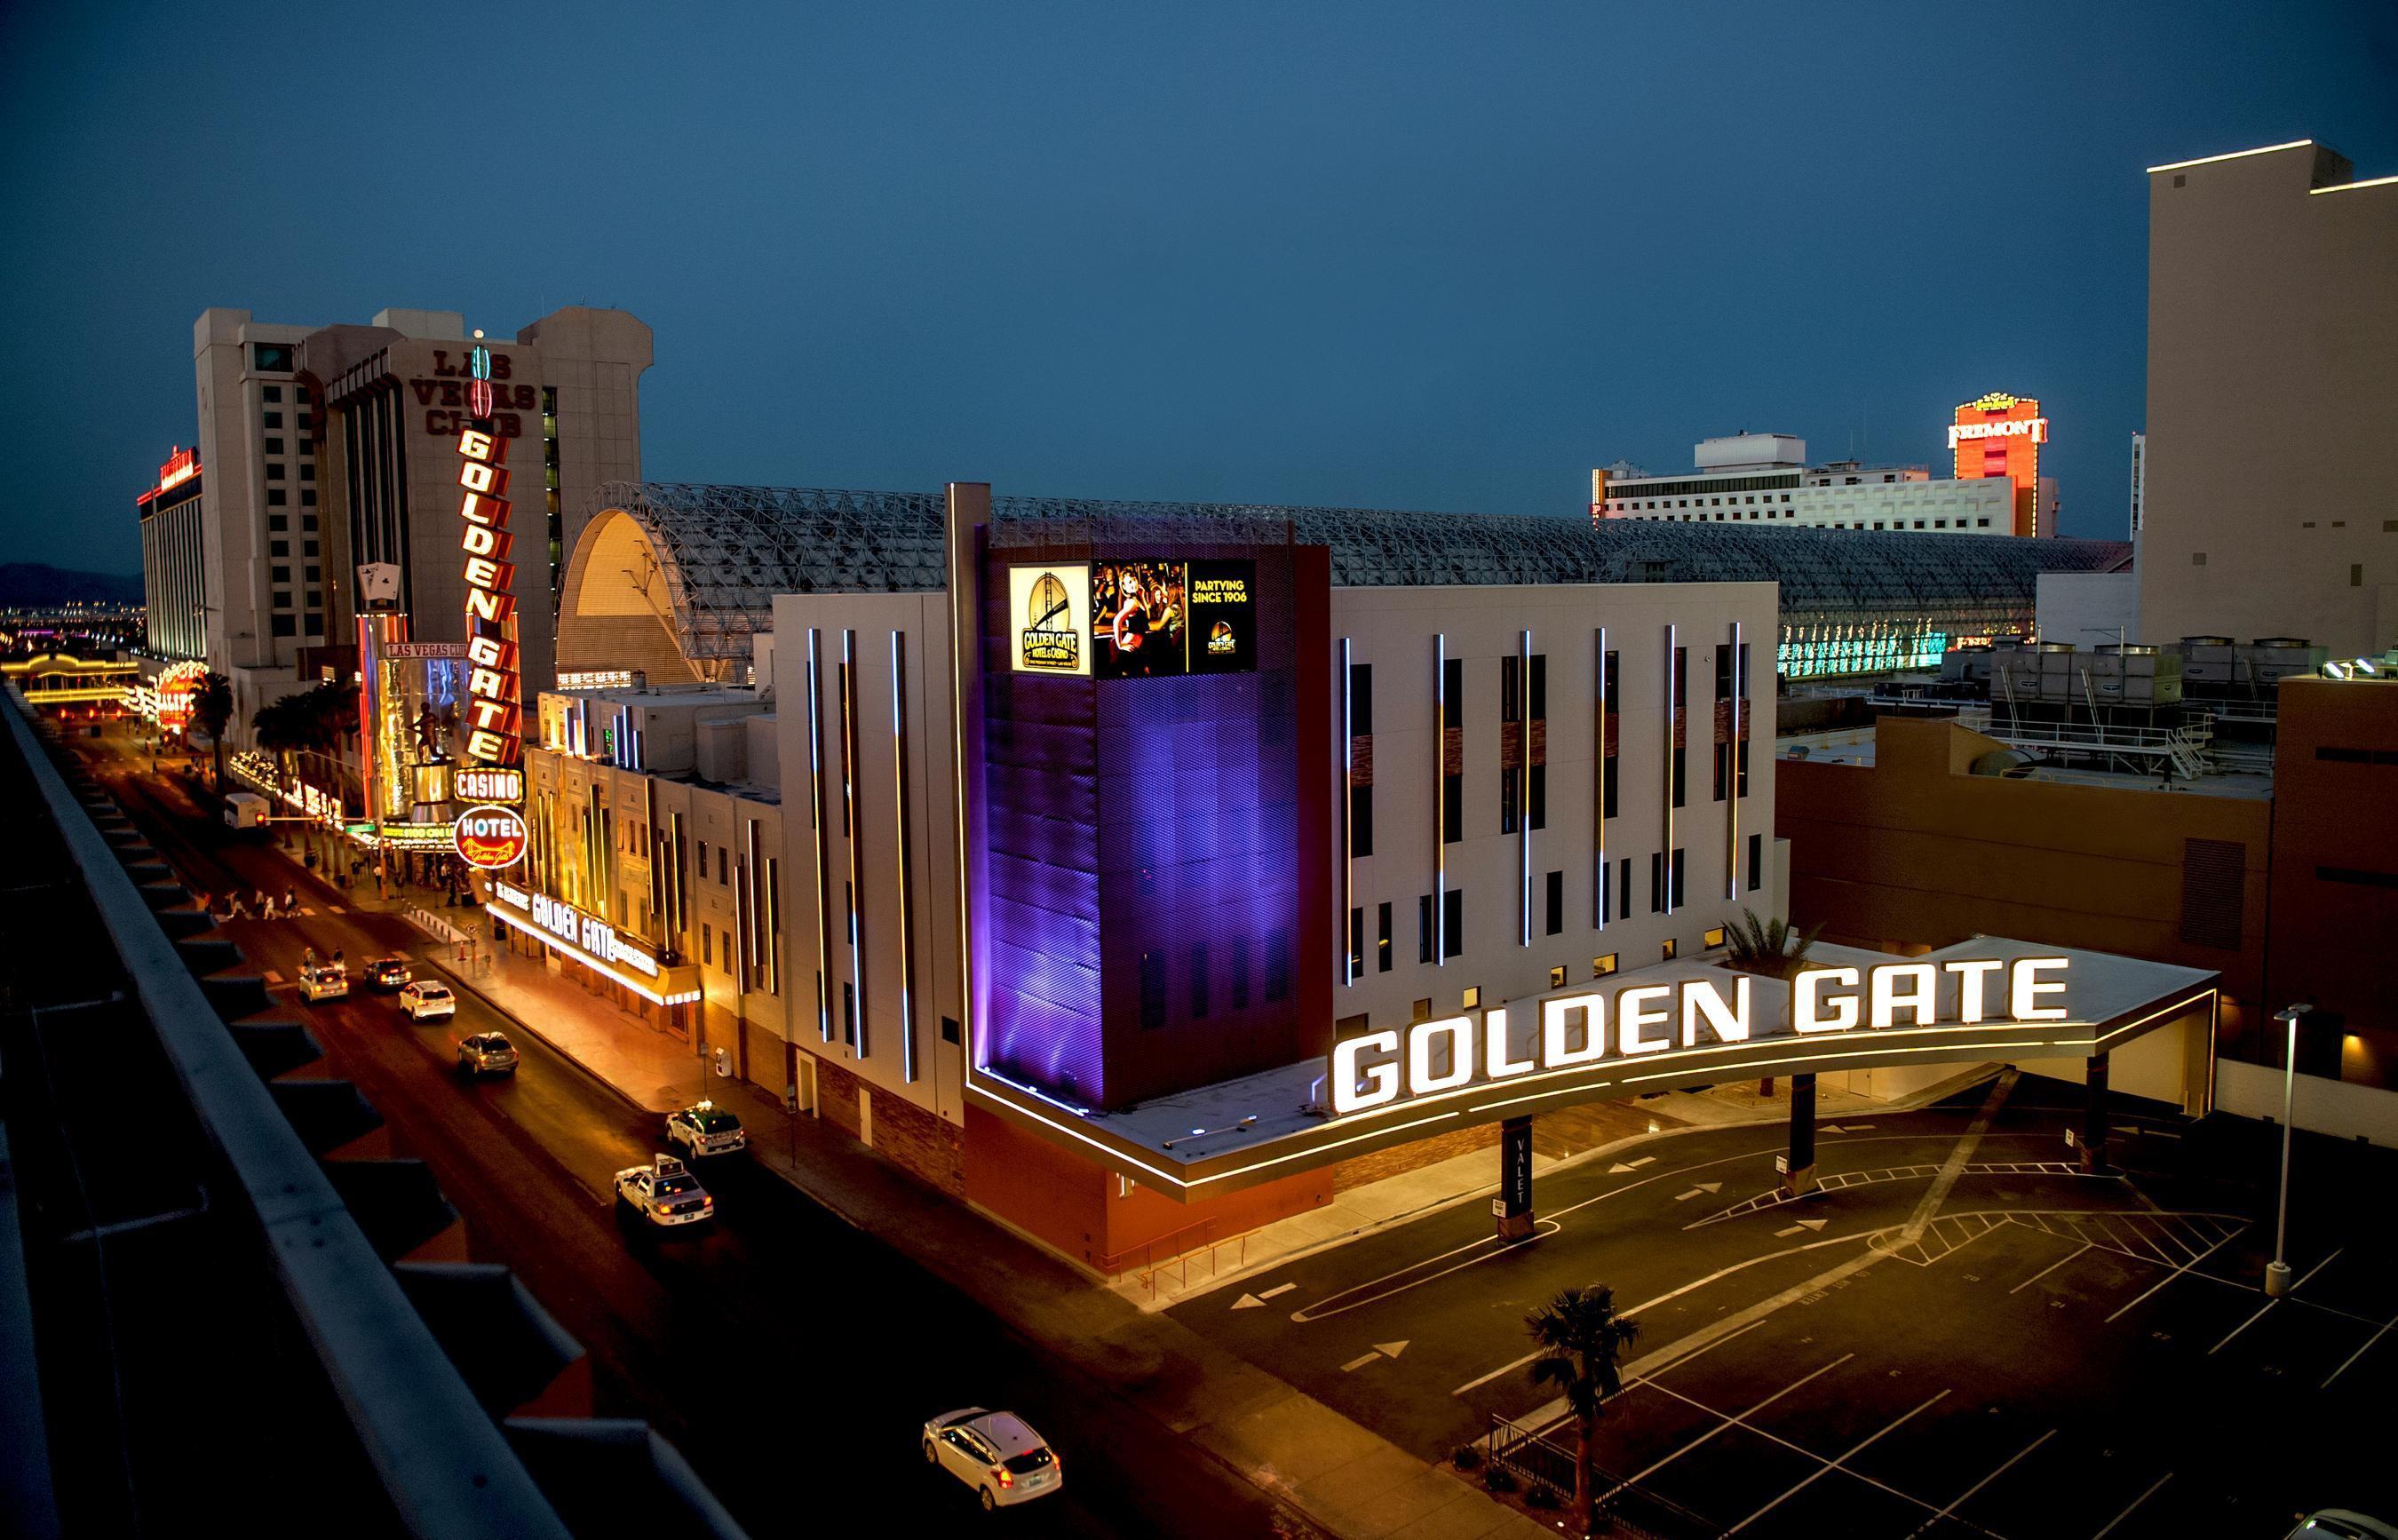 golden tem great getaways - HD1280×822